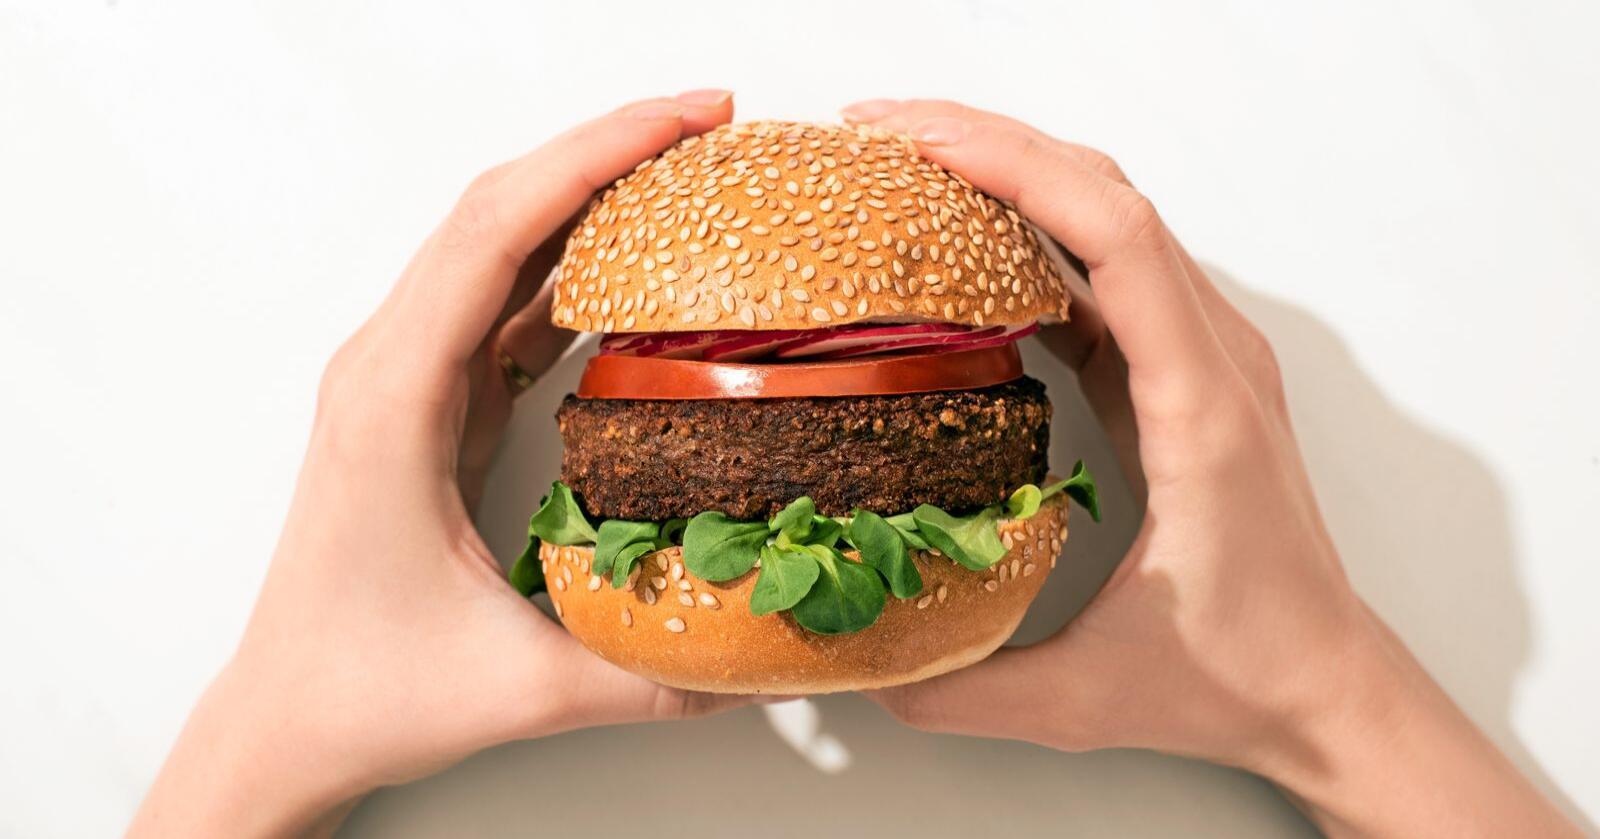 At det dukker opp mer veganske produkter handler ikke om kun veganere, men om at stadig flere blir nysgjerrige på å spise mer plantebasert, skriver Norsk vegansamfunn. Her ser vi en veganburger. Foto: Mostphotos